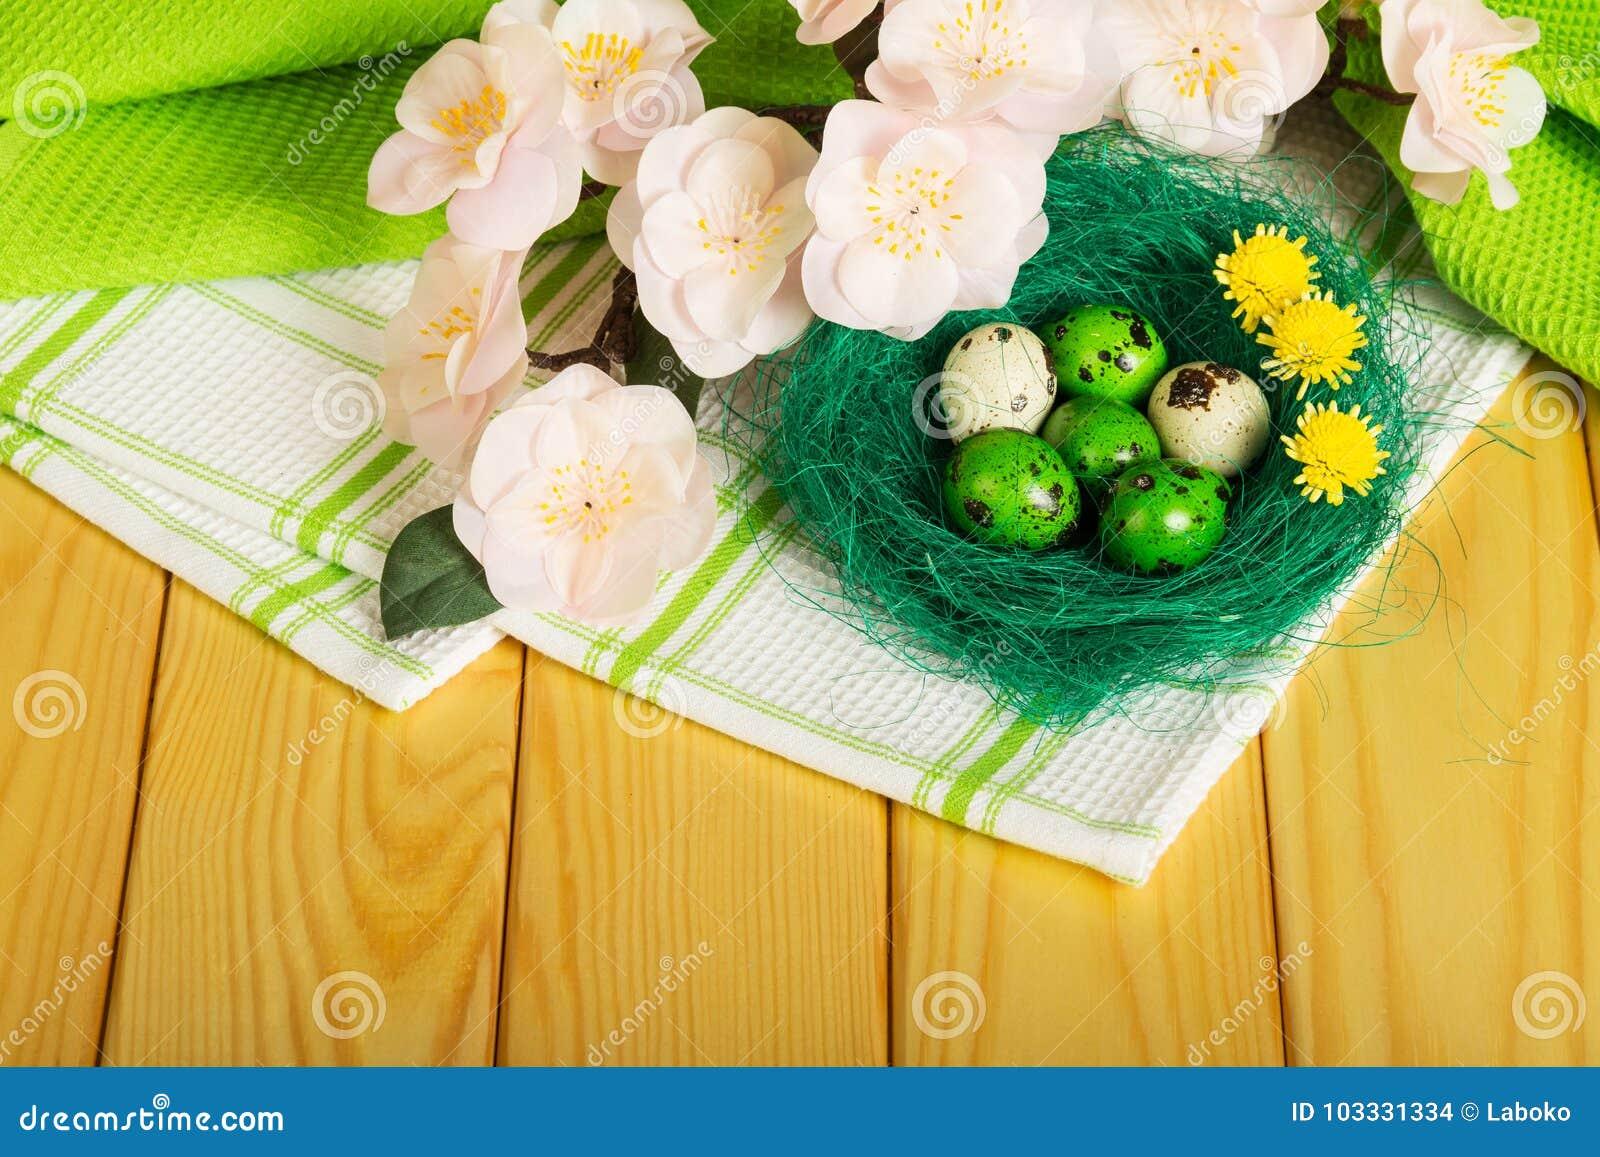 Paaseieren in nest, bloemen op handdoek en lichte boom